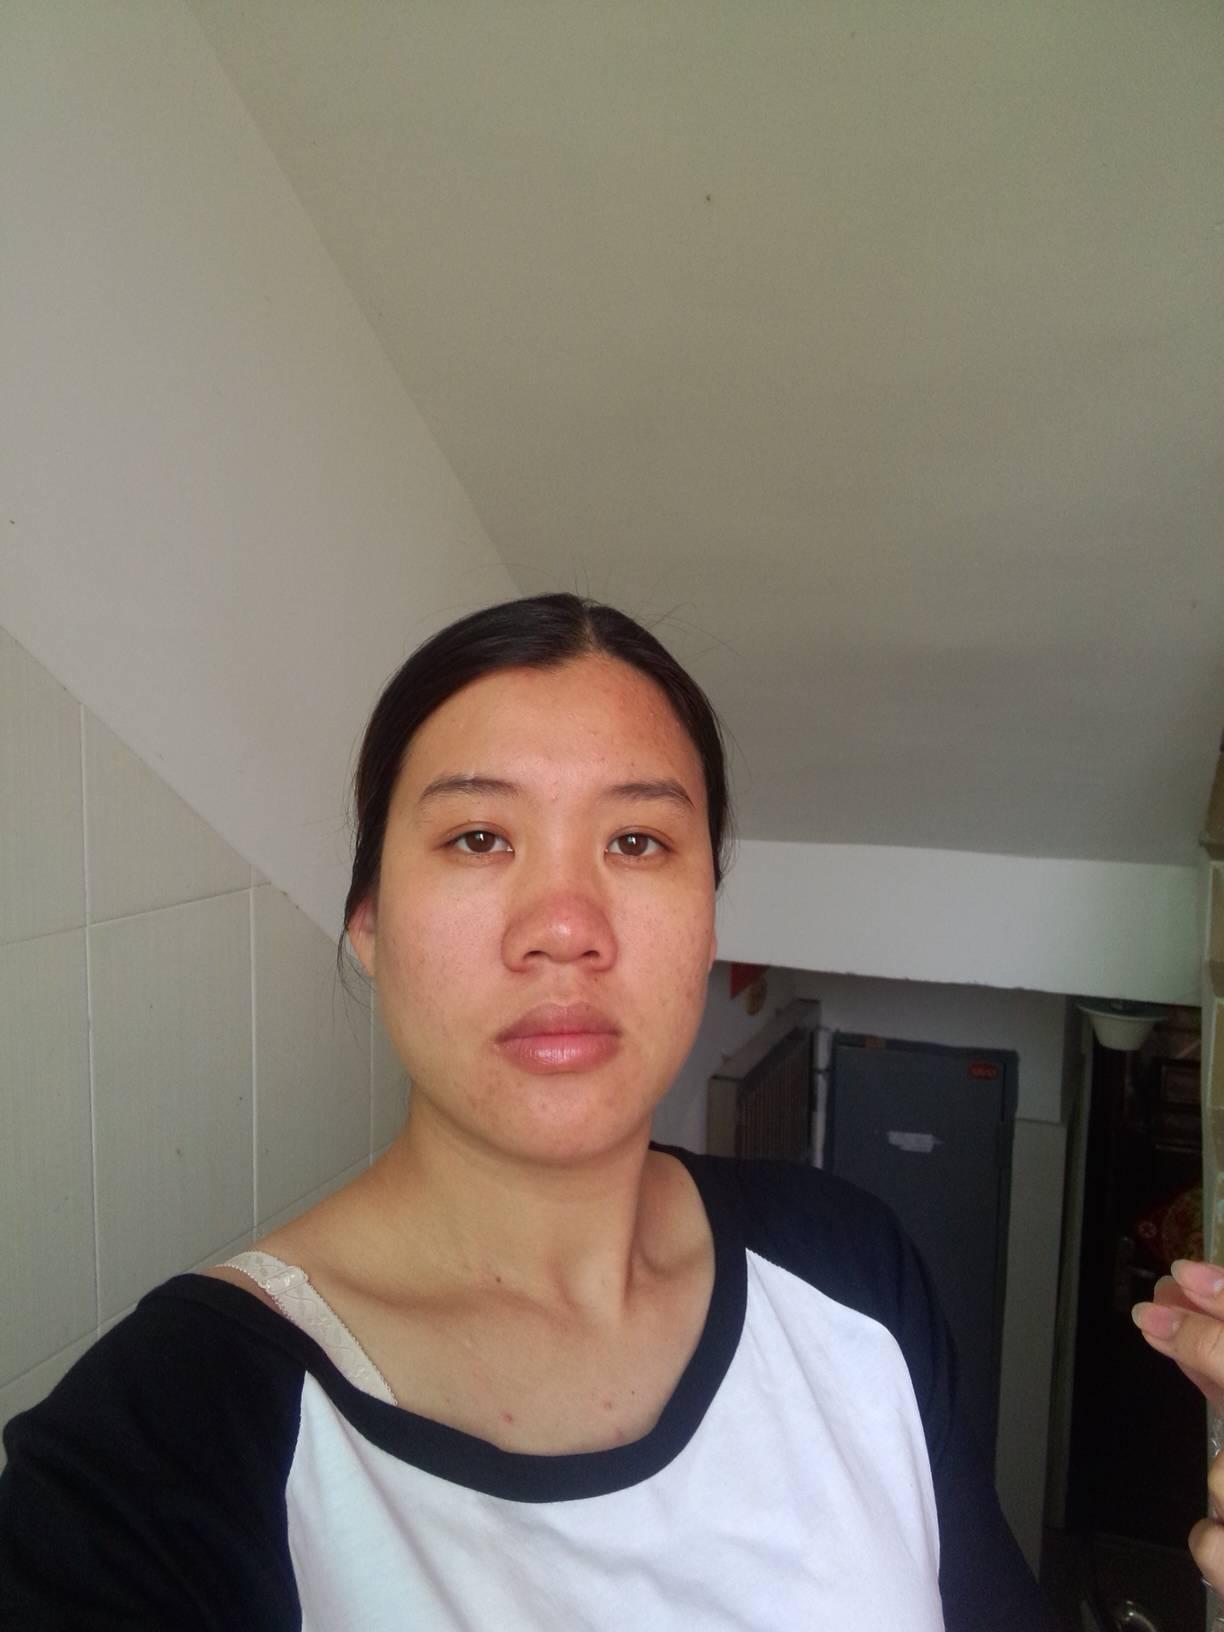 脸部不对称怎么矫正,可以模拟吗?我需要怎么改变?